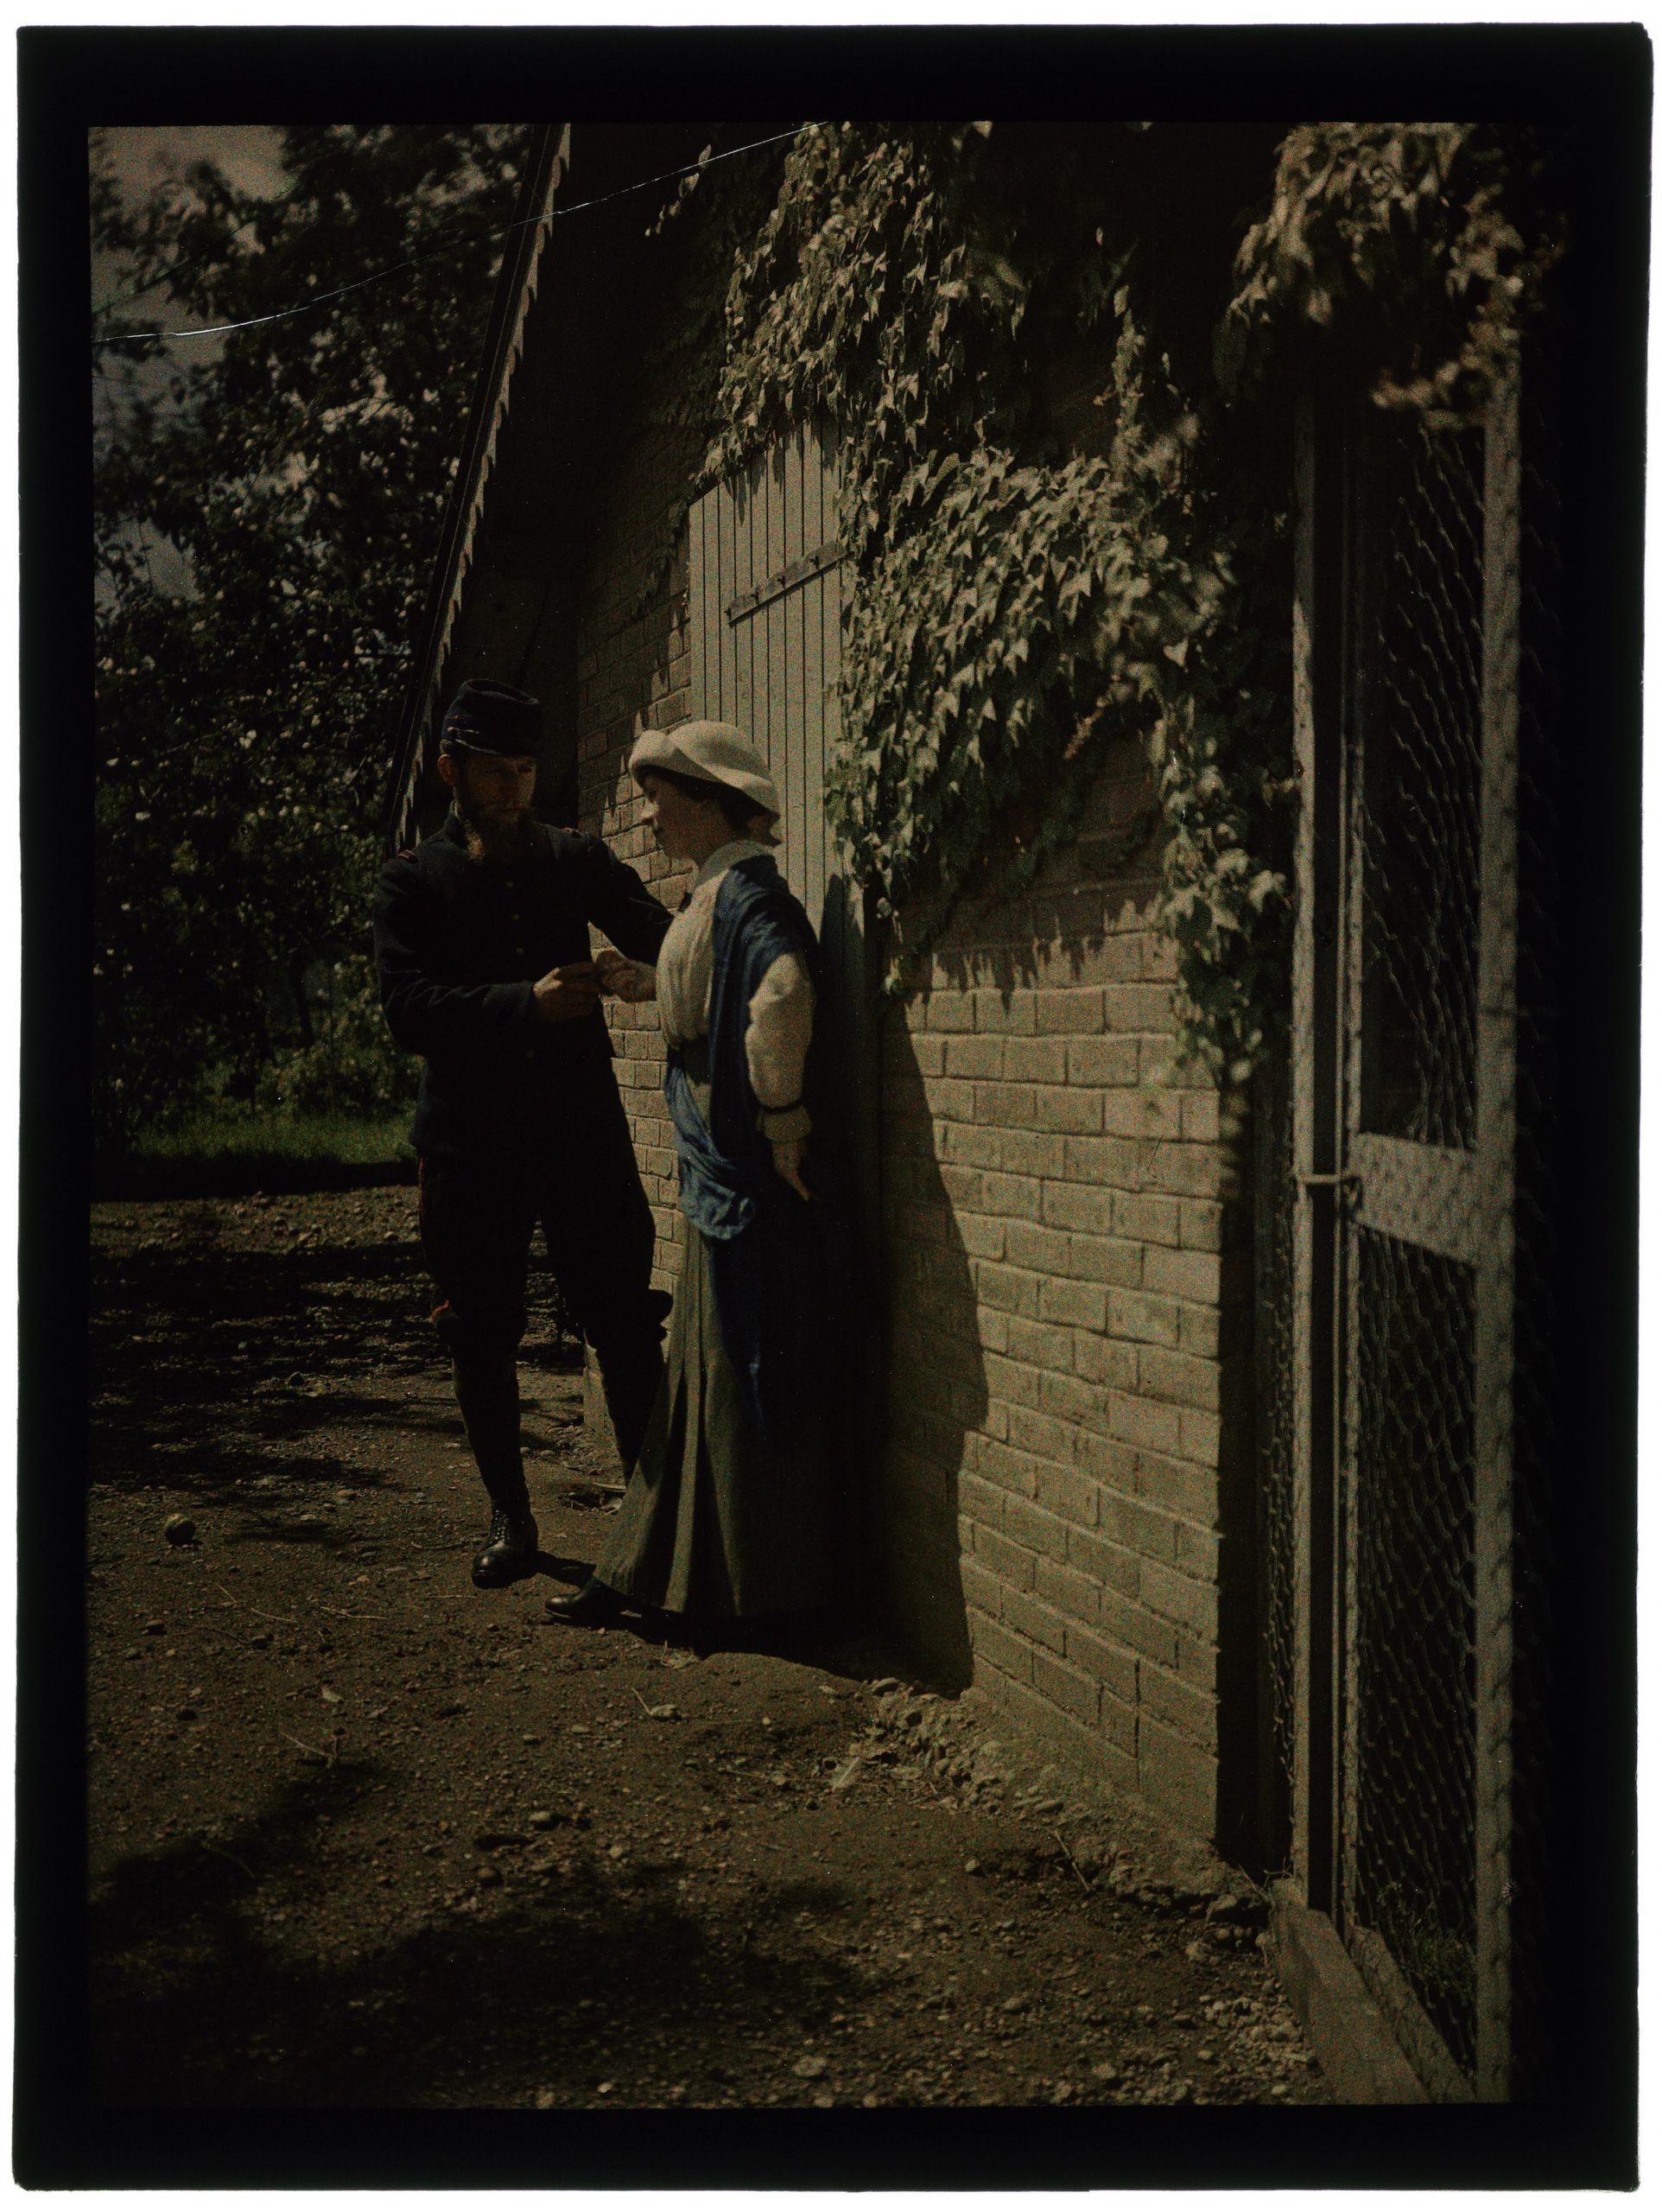 Femme et soldat dans le jardin